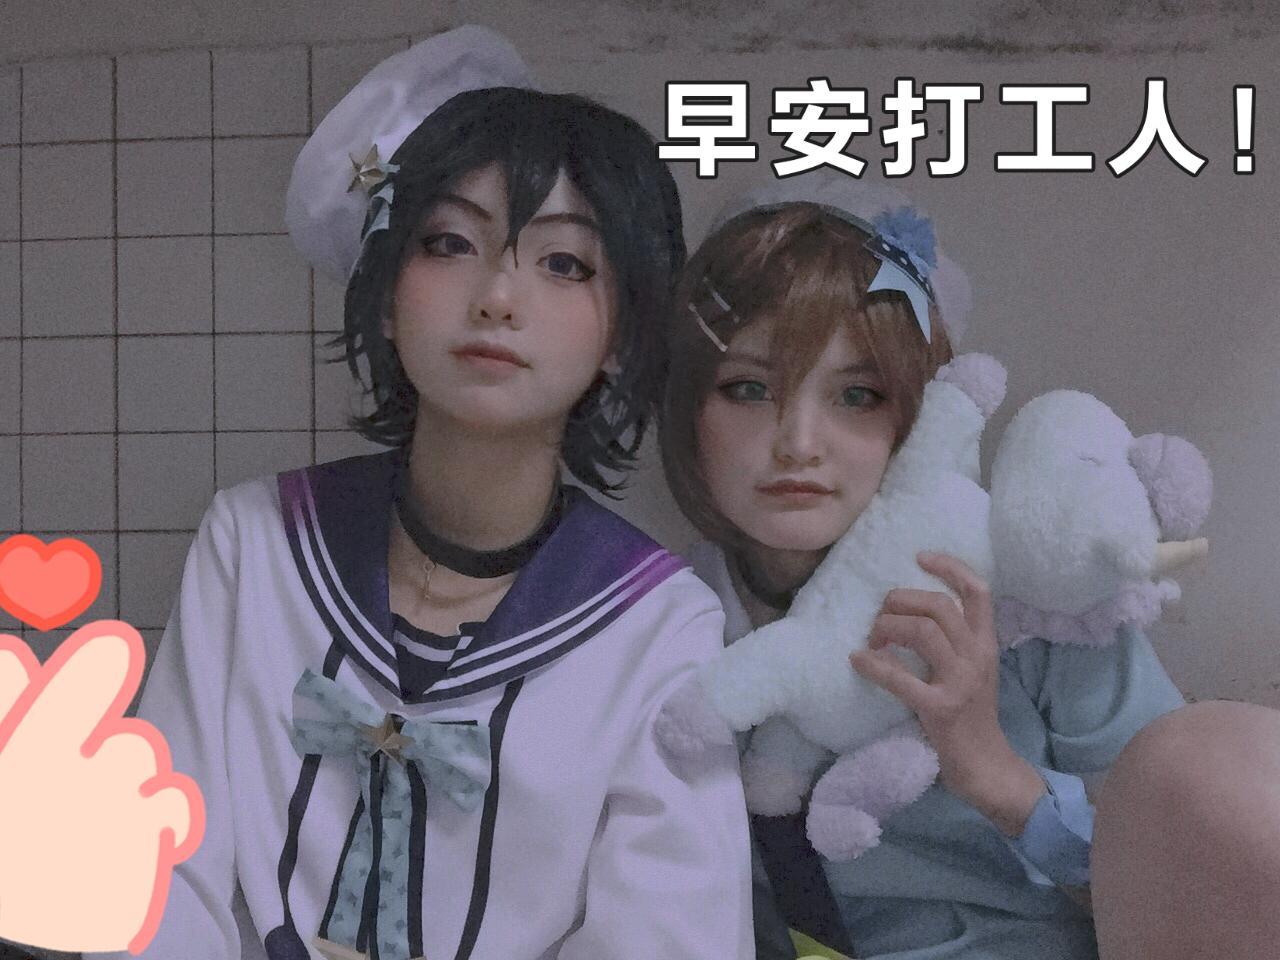 《凹凸世界》雷狮cosplay【CN:白逸...】-第14张